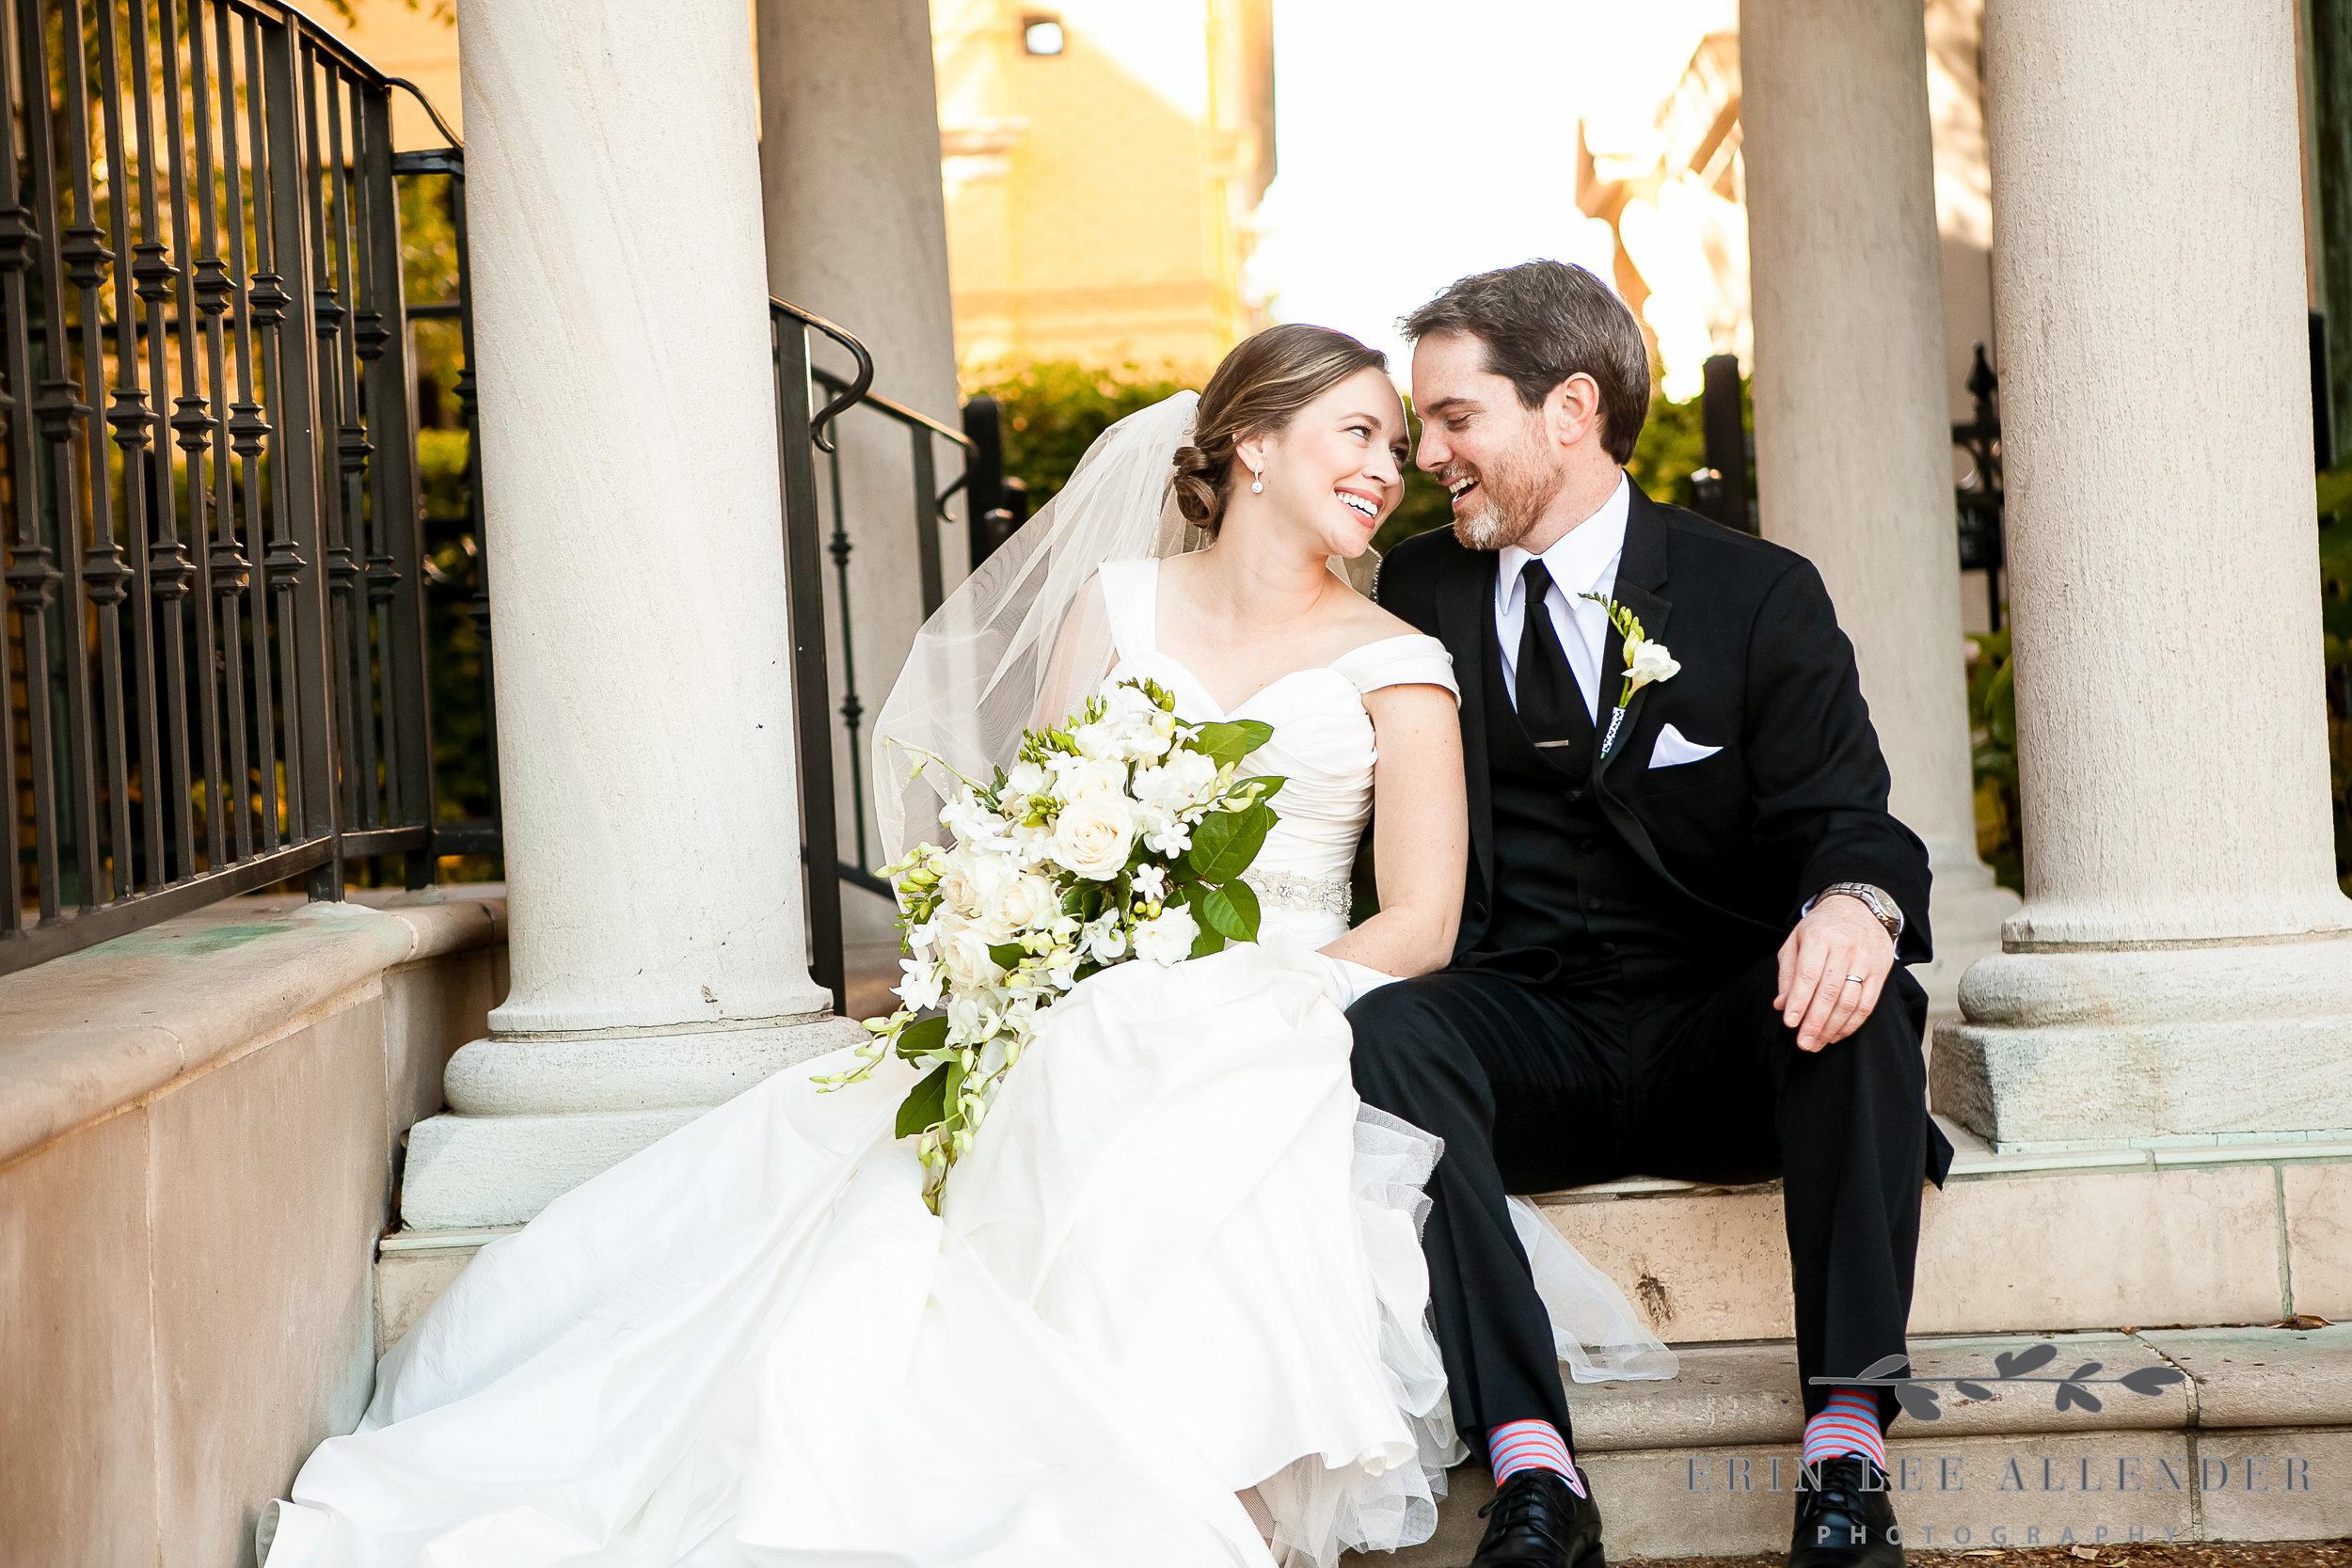 Bride_Groom_Laughing